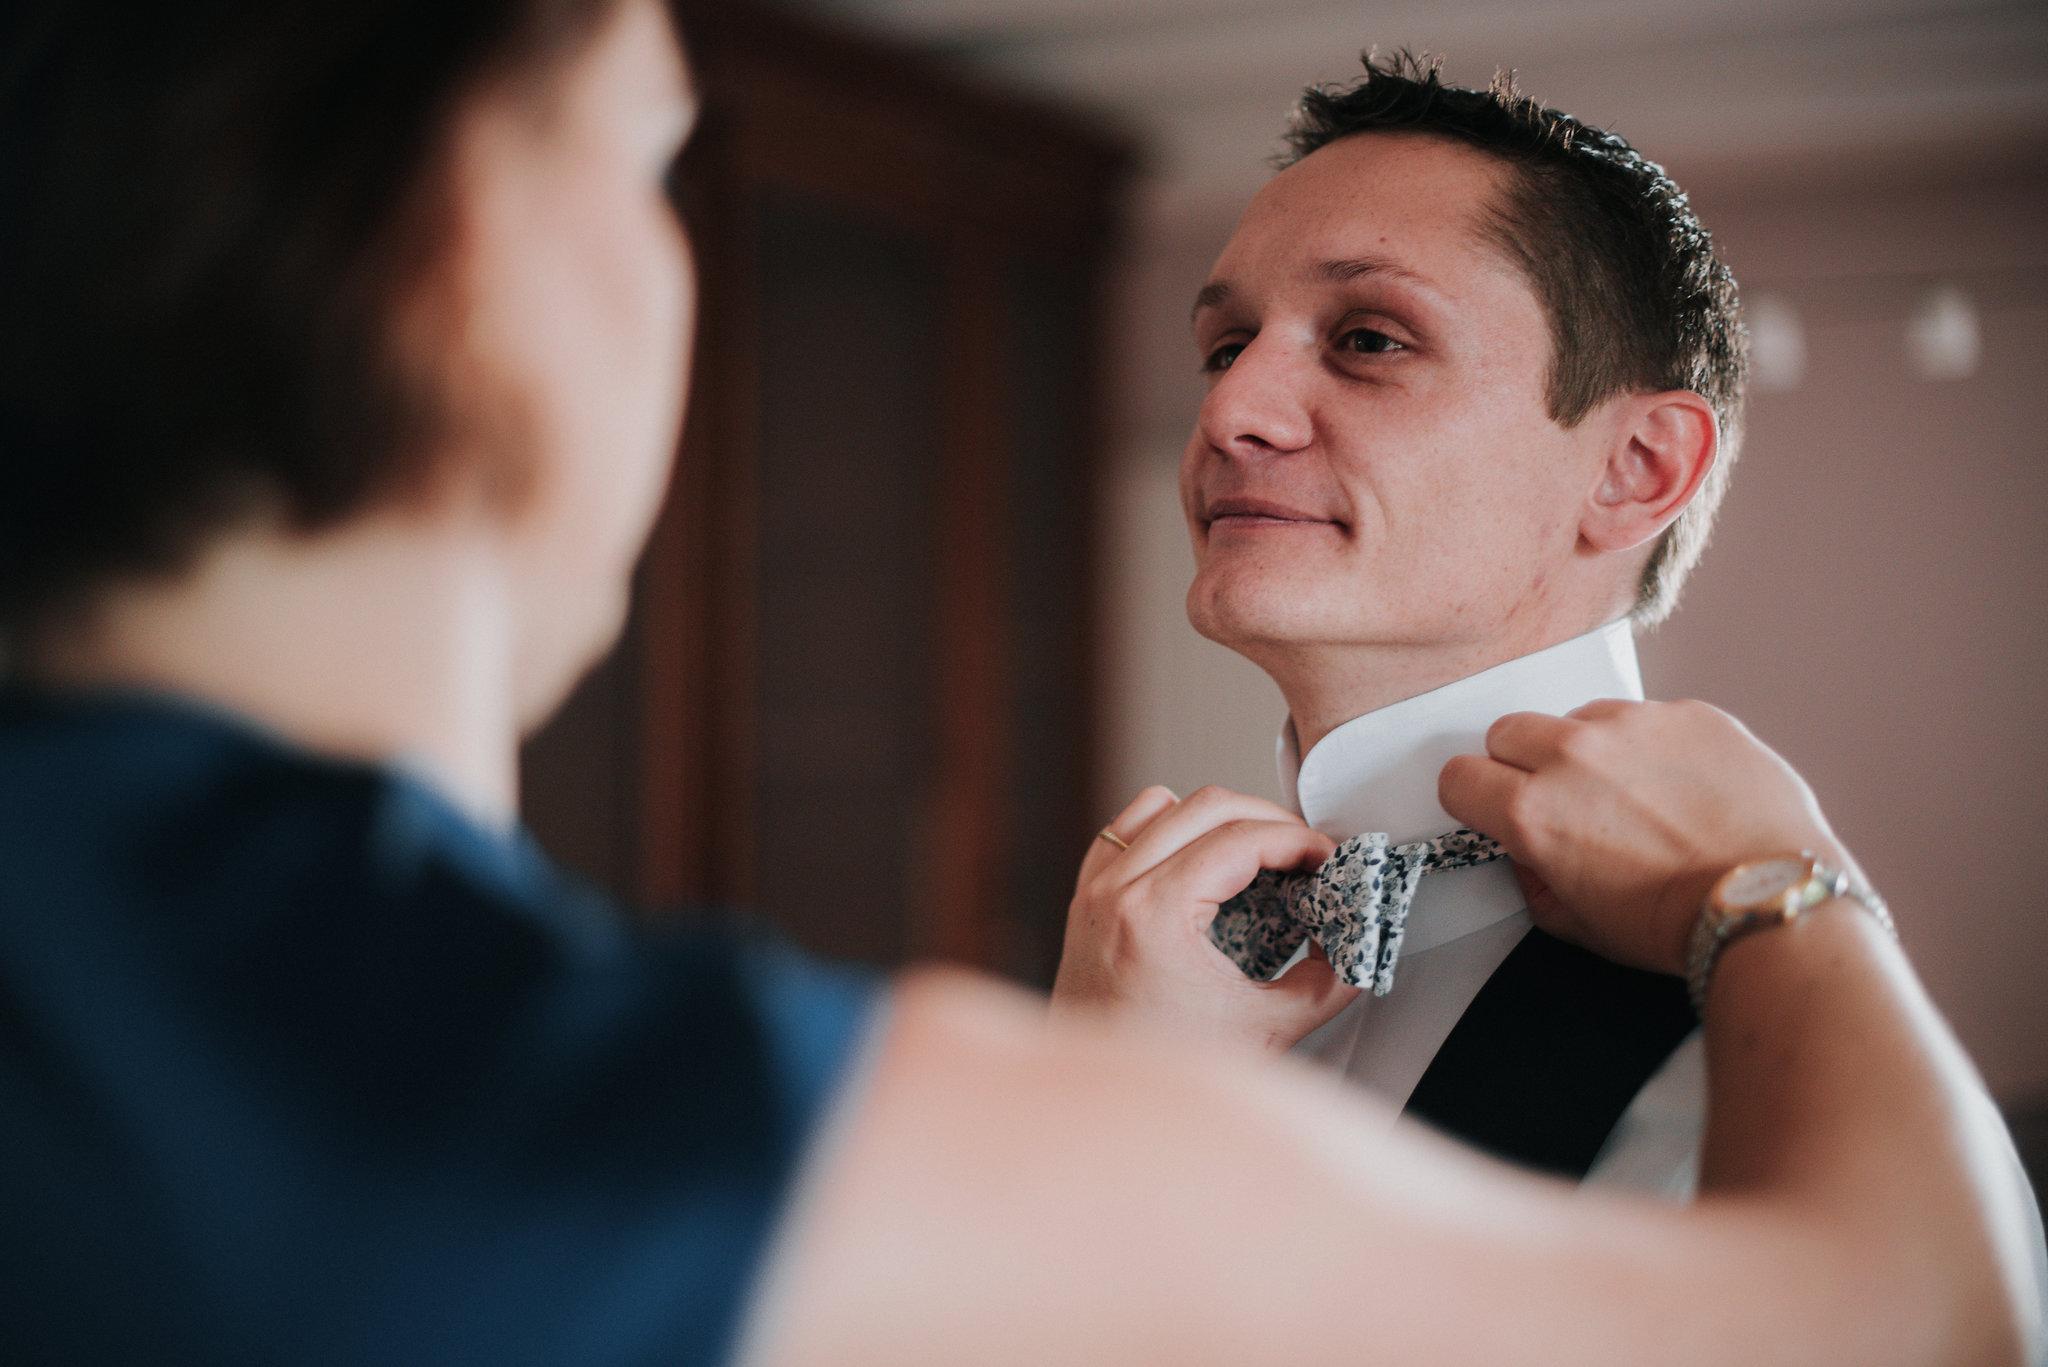 Léa-Fery-photographe-professionnel-lyon-rhone-alpes-portrait-creation-mariage-evenement-evenementiel-famille-1619.jpg